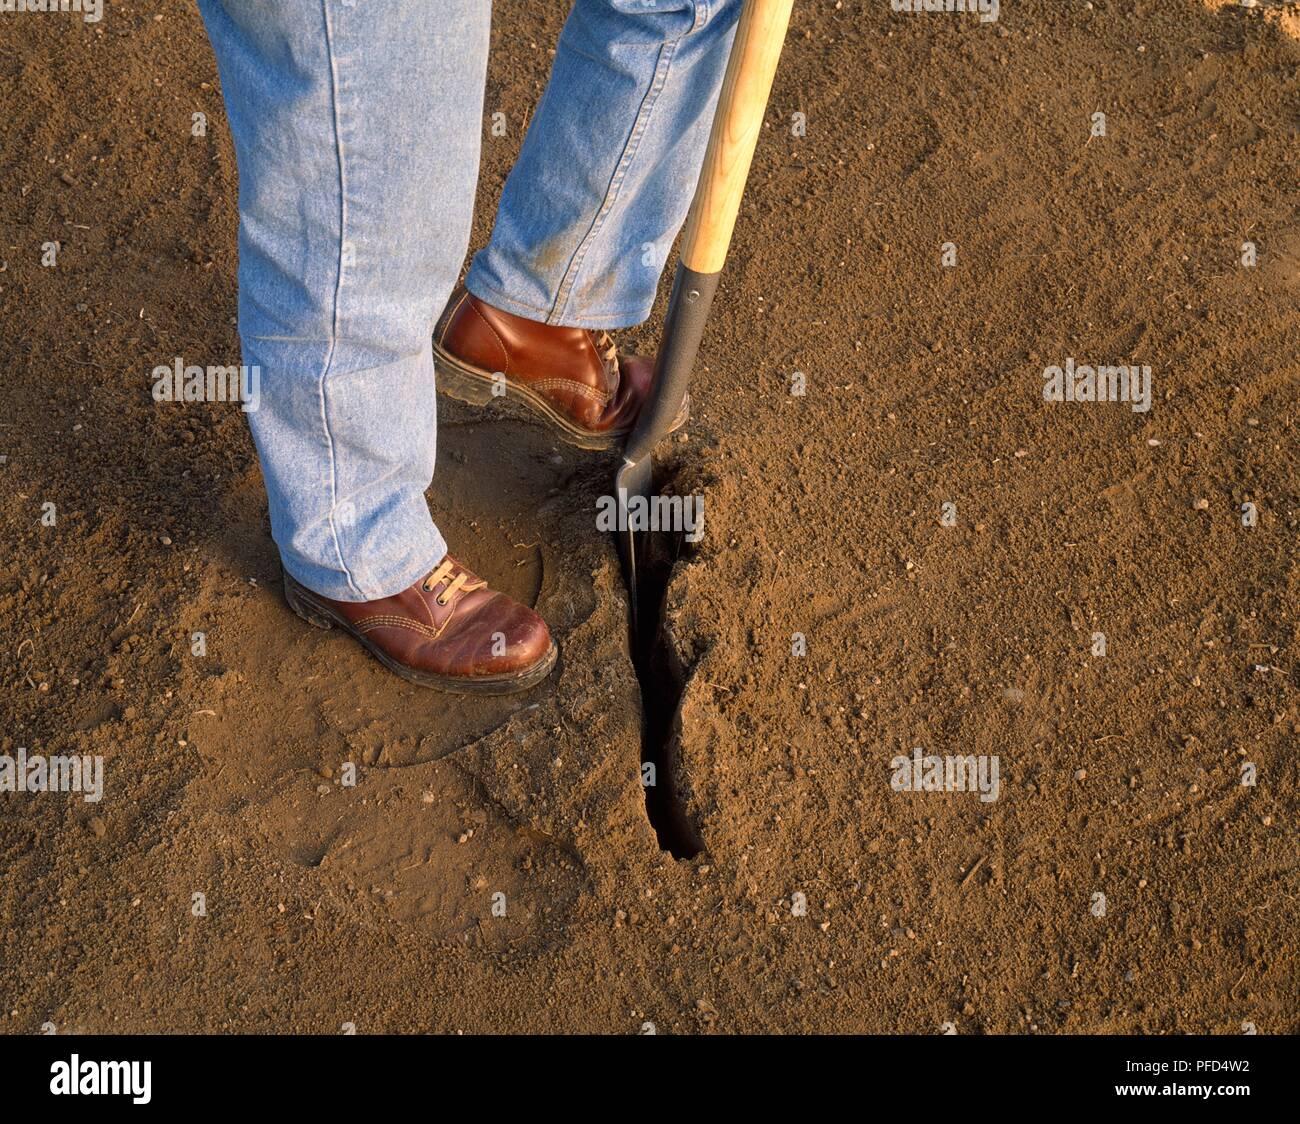 Vorbereitung ein Graben von Spaten senkrecht in den Boden mit Fuß, close-up Stockfoto